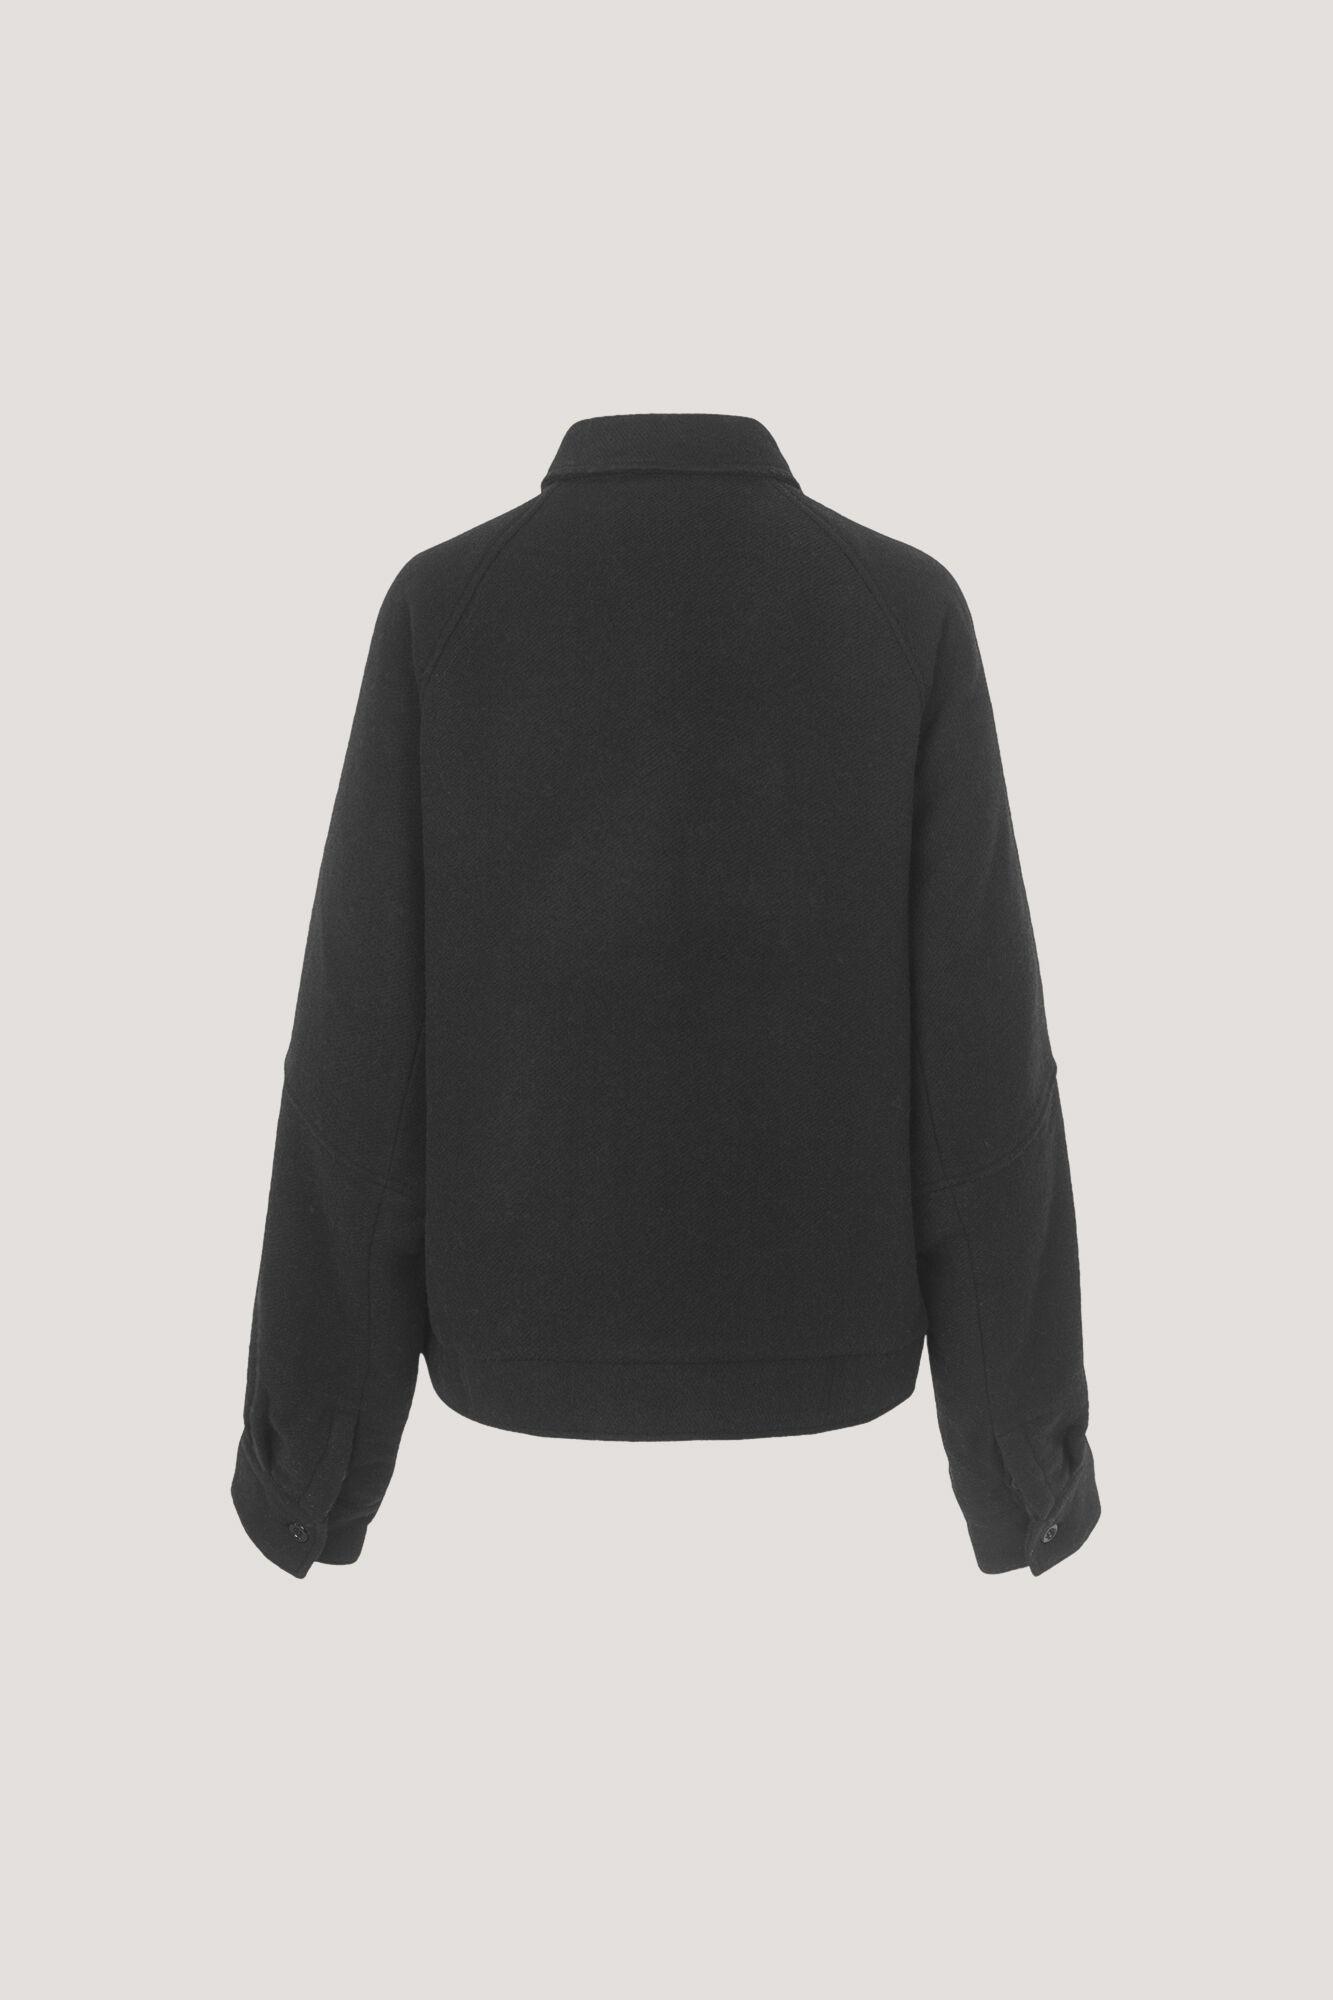 4edc9108 Dellamarie jacket 10662